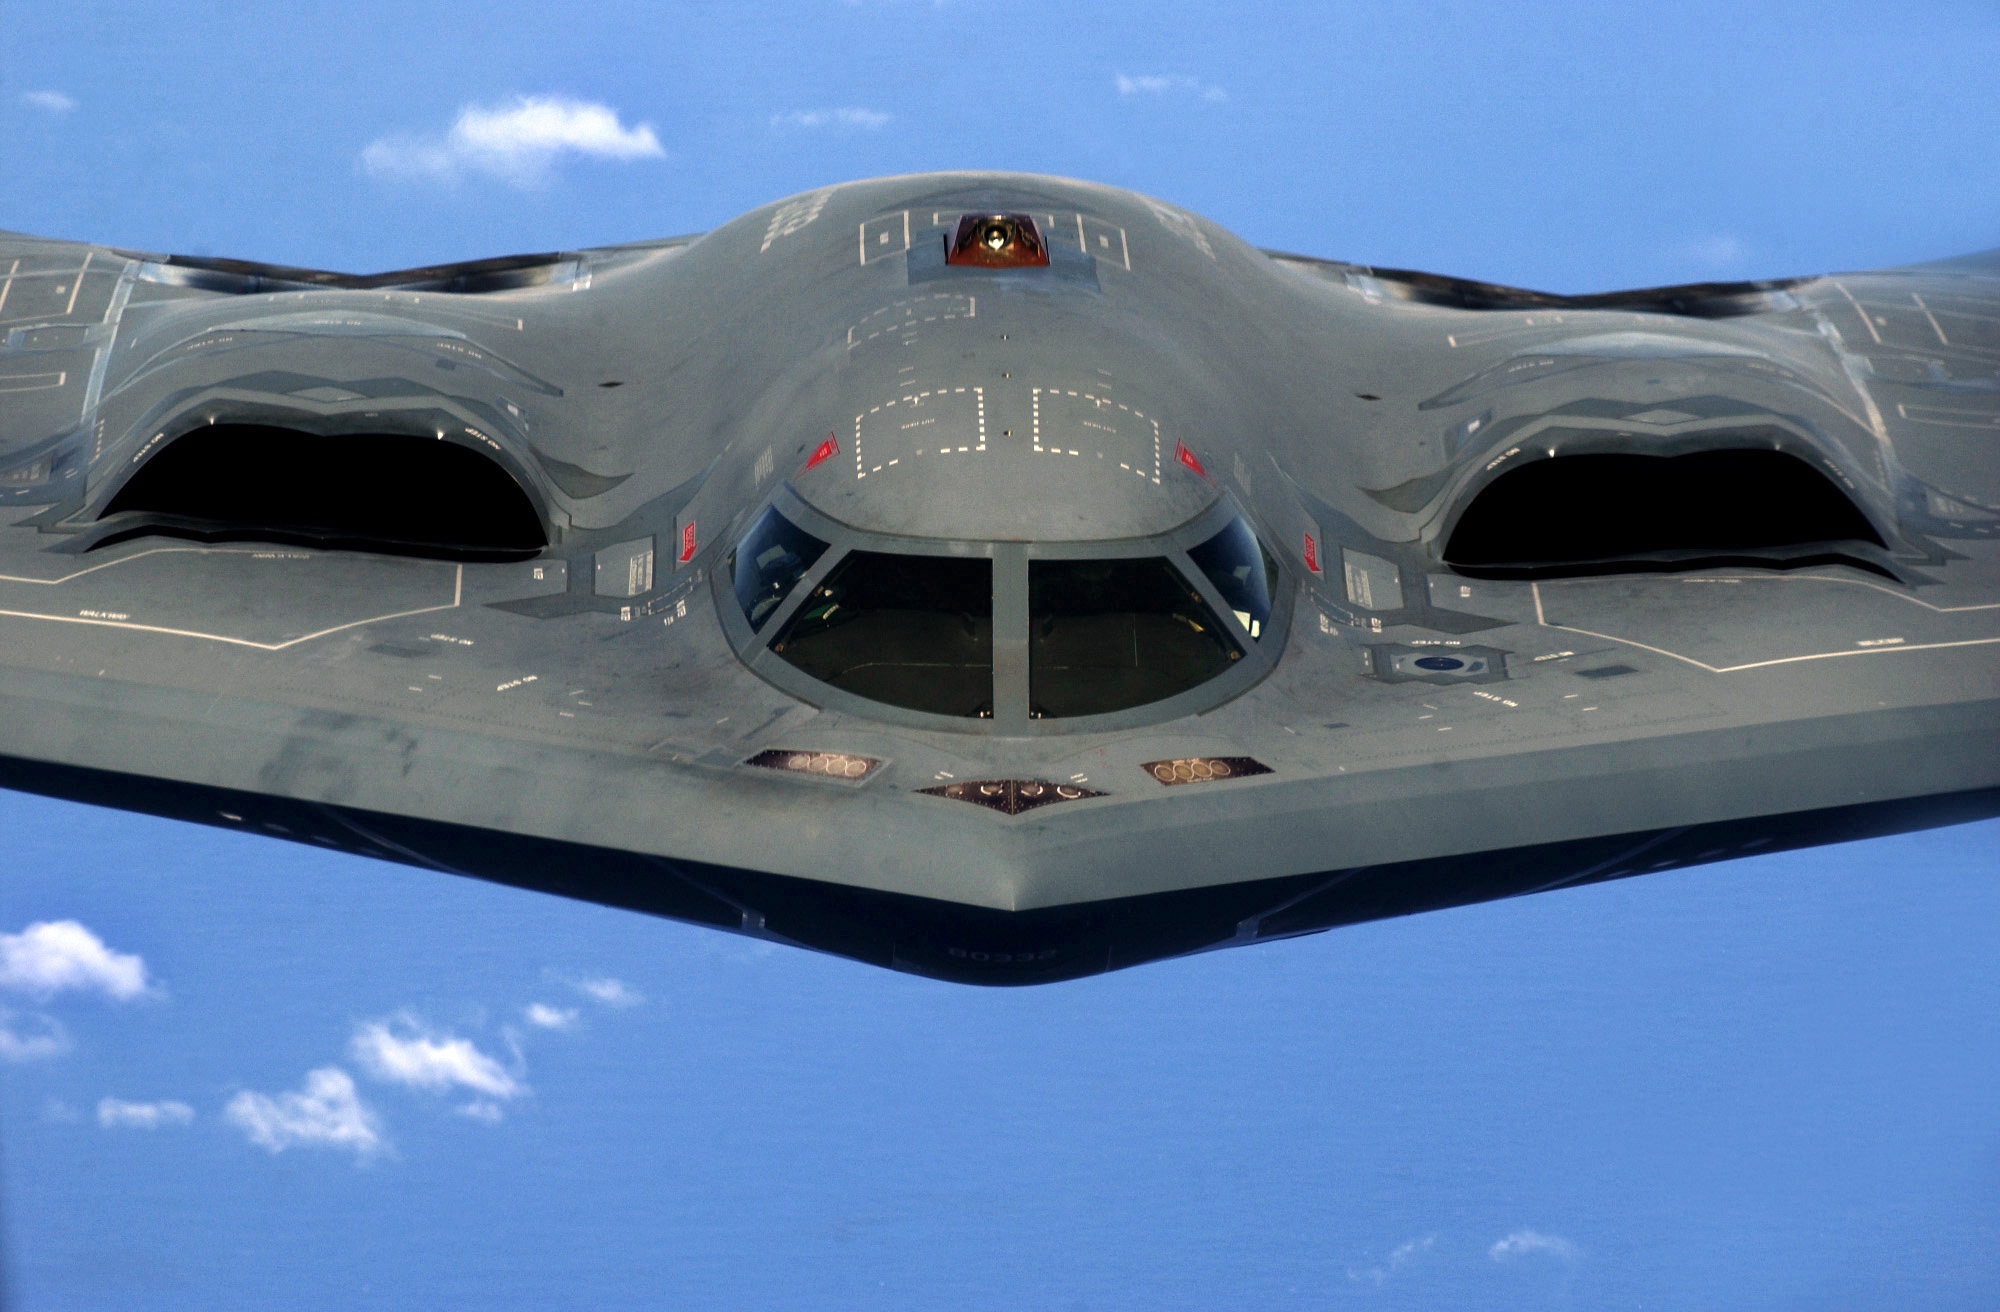 File:B2 Spirit closeup.JPEG - Wikipedia